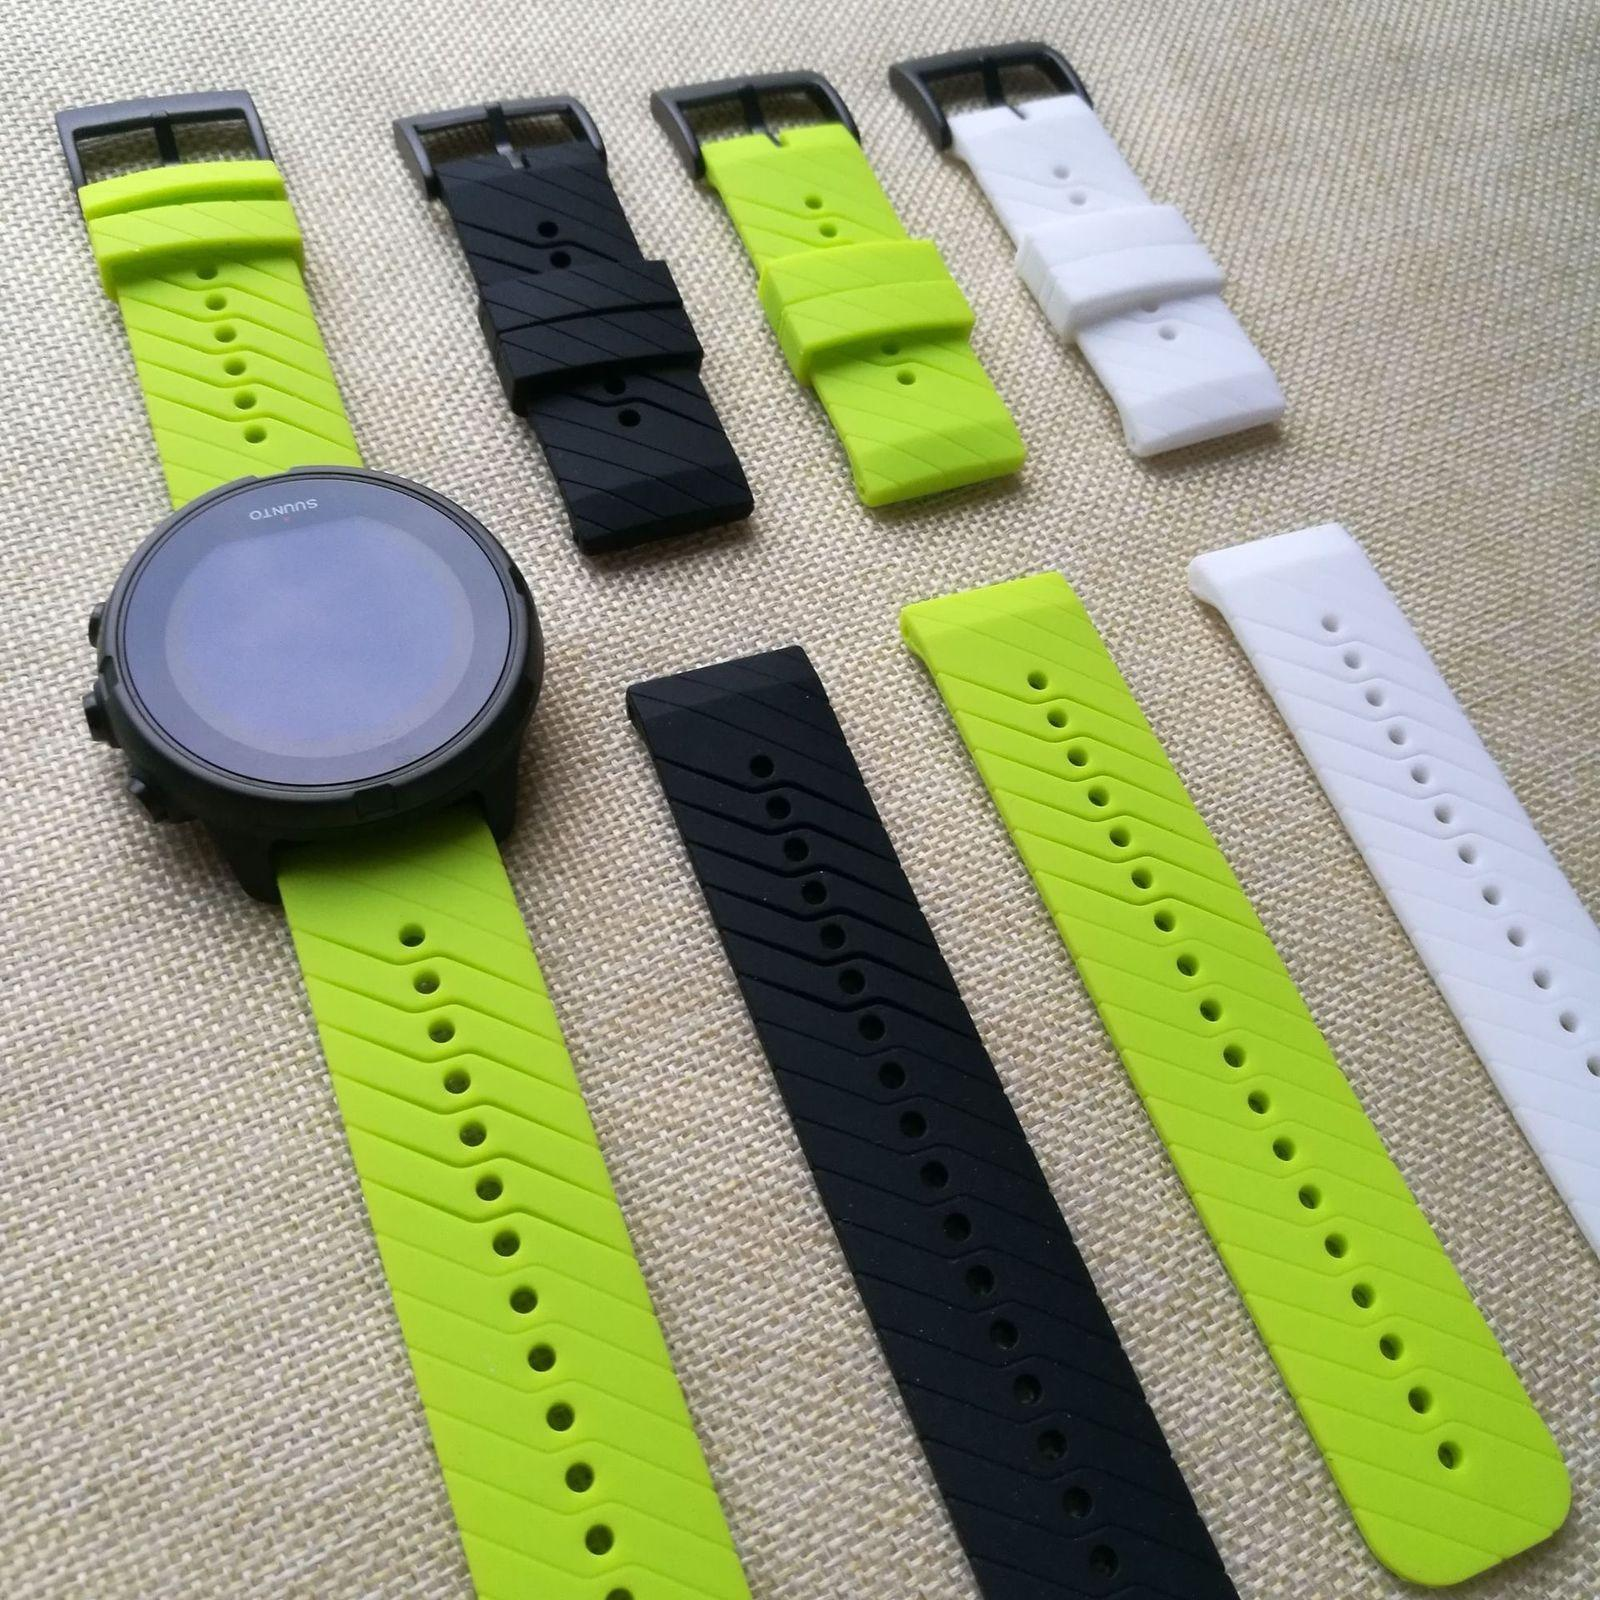 Резиновый ремешок для часов для Suunto 9 suunto Spartan Baro смотреть силиконовый ремешок браслет 24 мм